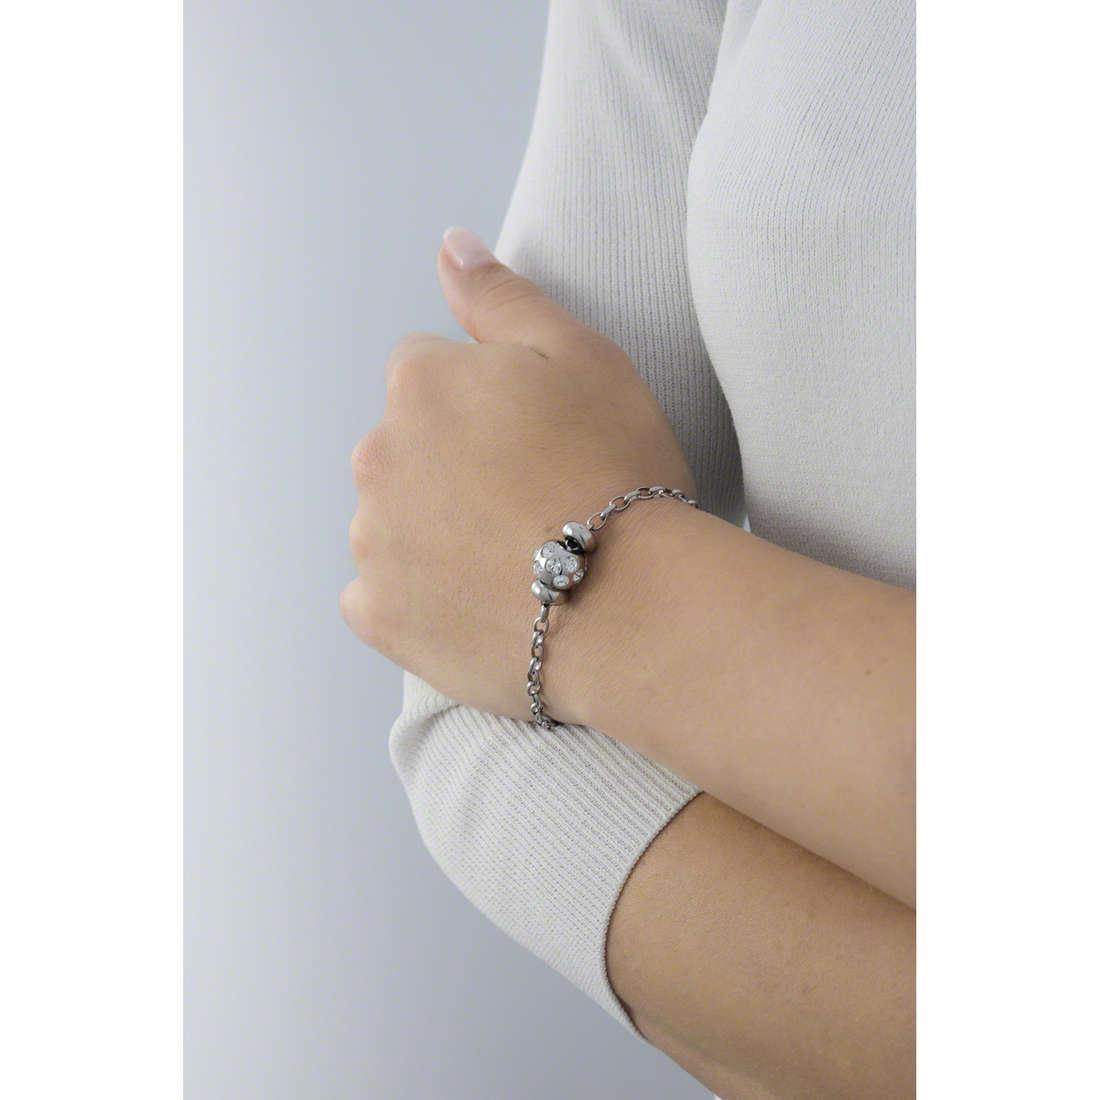 Morellato bracciali Drops donna SCZ167 indosso